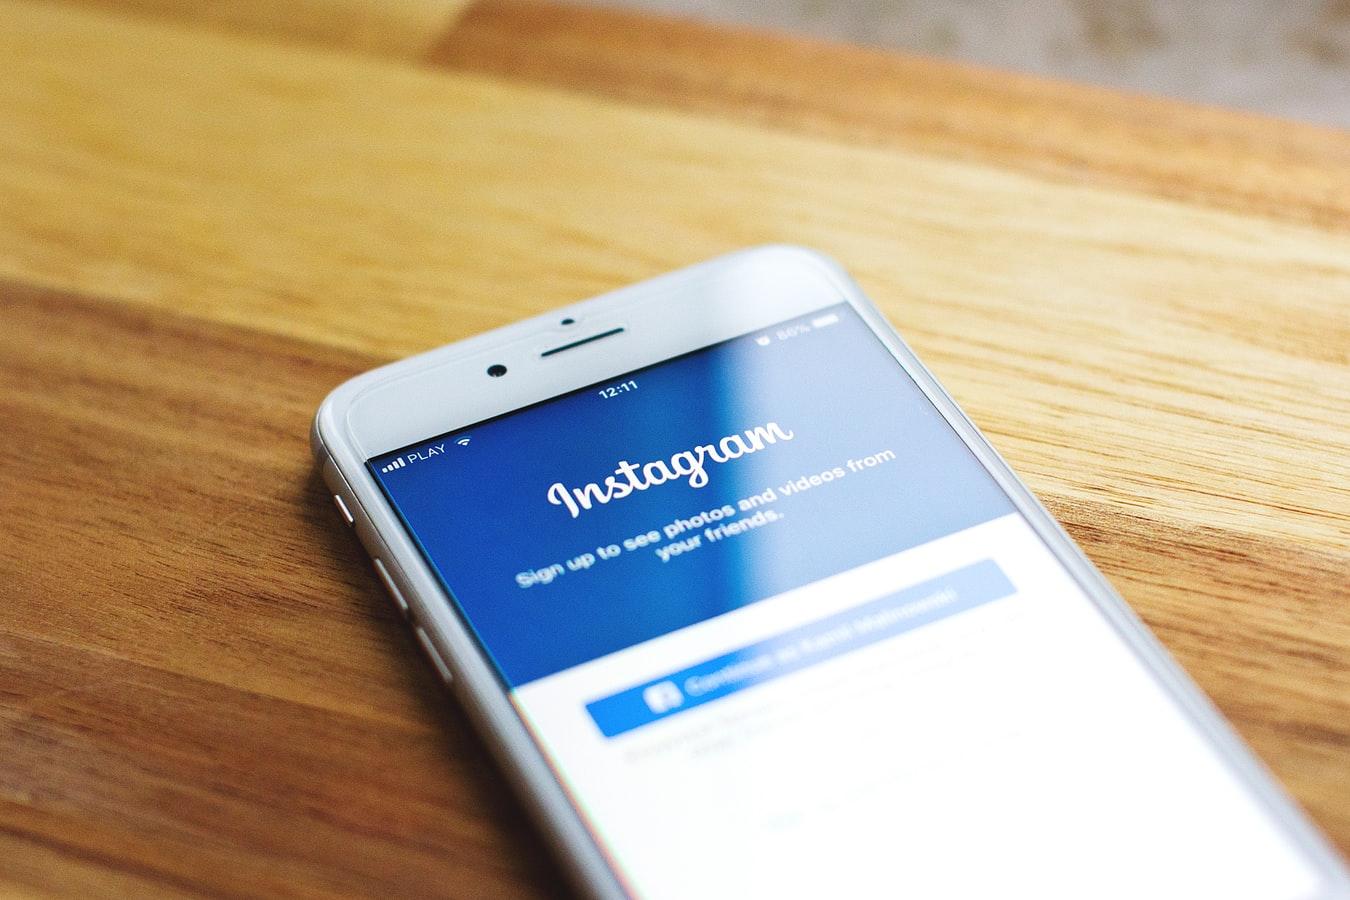 Ποιος σας ακολουθεί; Mαμά βρίσκει φωτογραφία του γιου της σε μια ανησυχητική σελίδα στο Instagram..